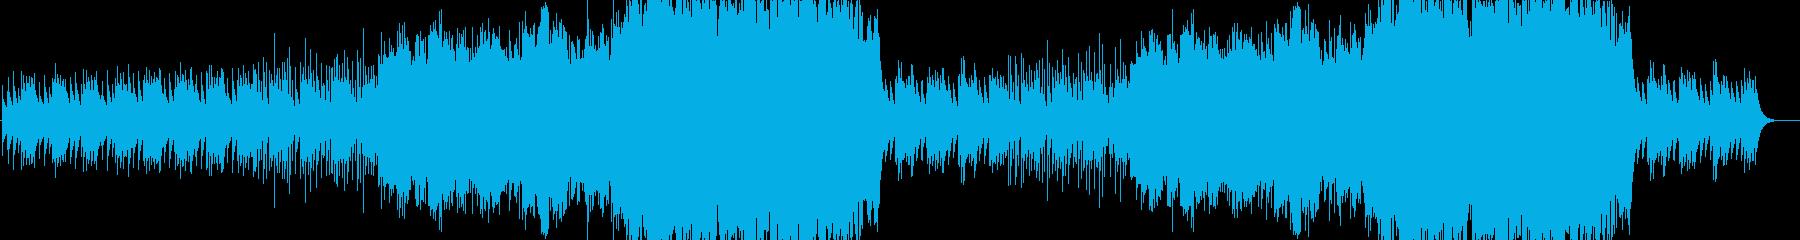 怪しげな雰囲気のストリングスBGMの再生済みの波形